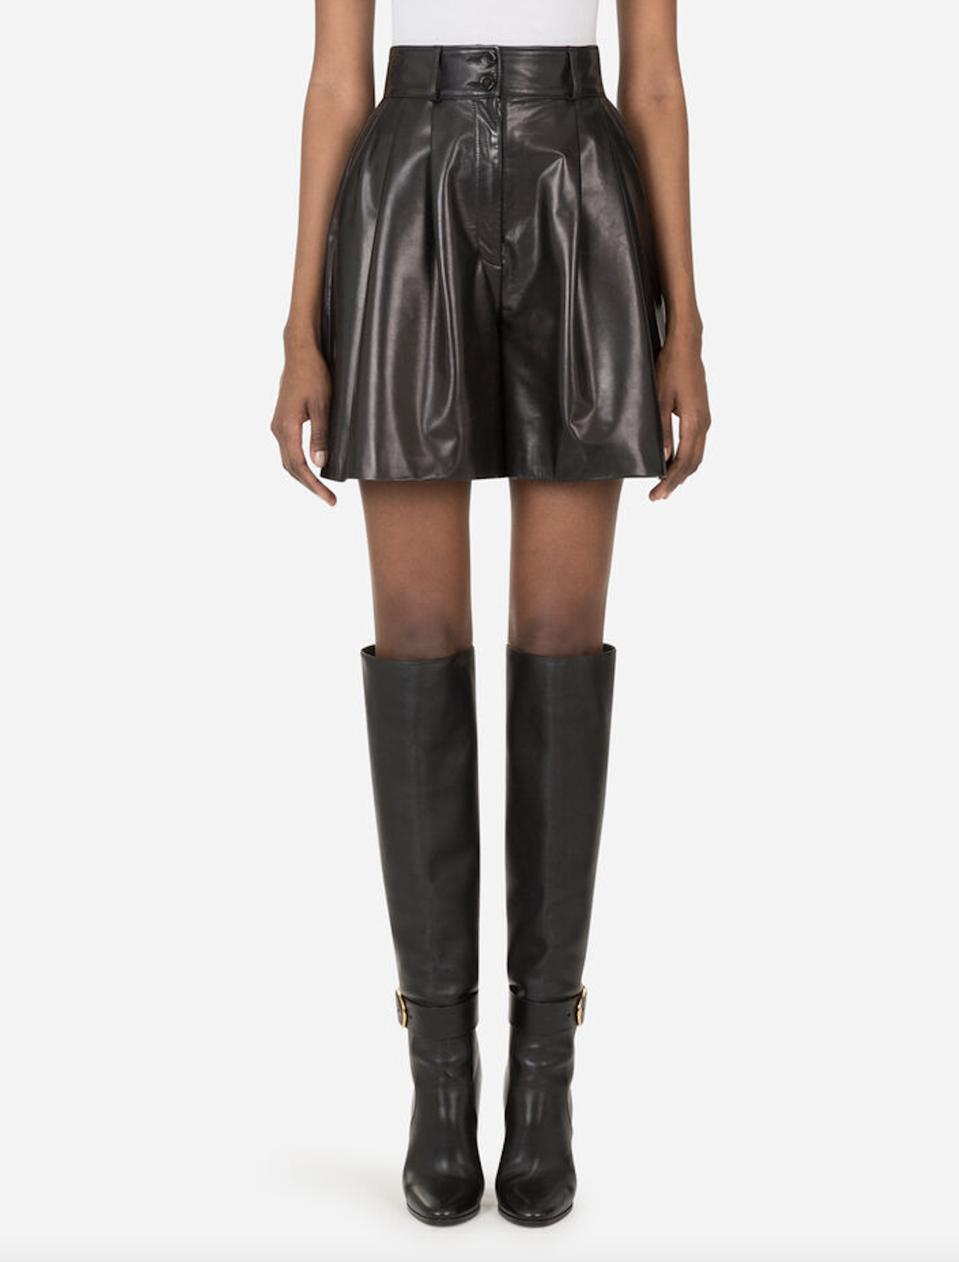 Dolce & Gabbana darted plongé lambskin shorts